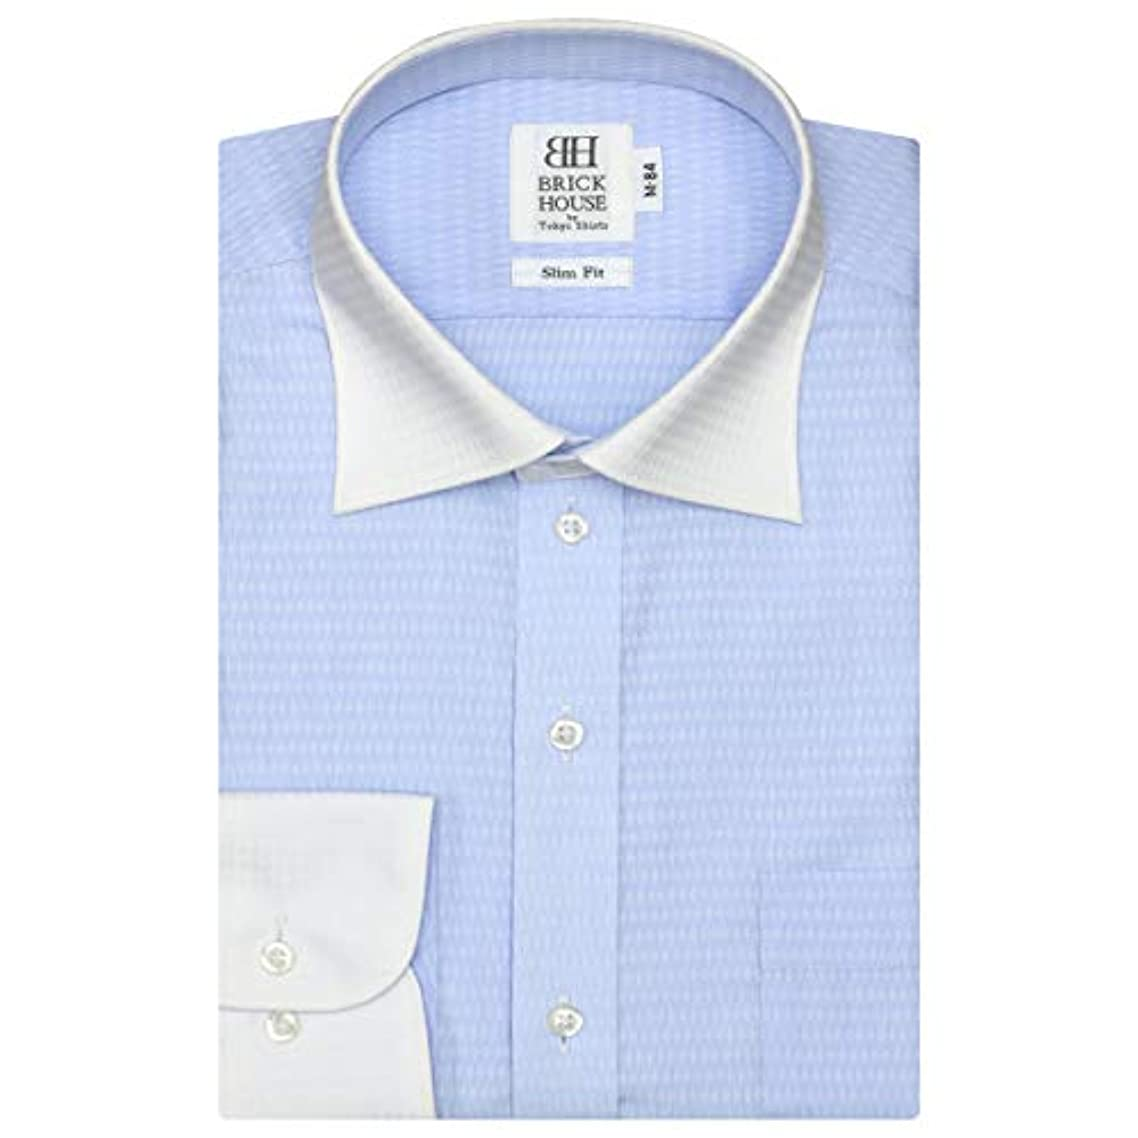 むさぼり食ううがい薬潜むブリックハウス ワイシャツ 長袖 形態安定 クレリック ワイド スリム メンズ BM018500AA11W1A-10